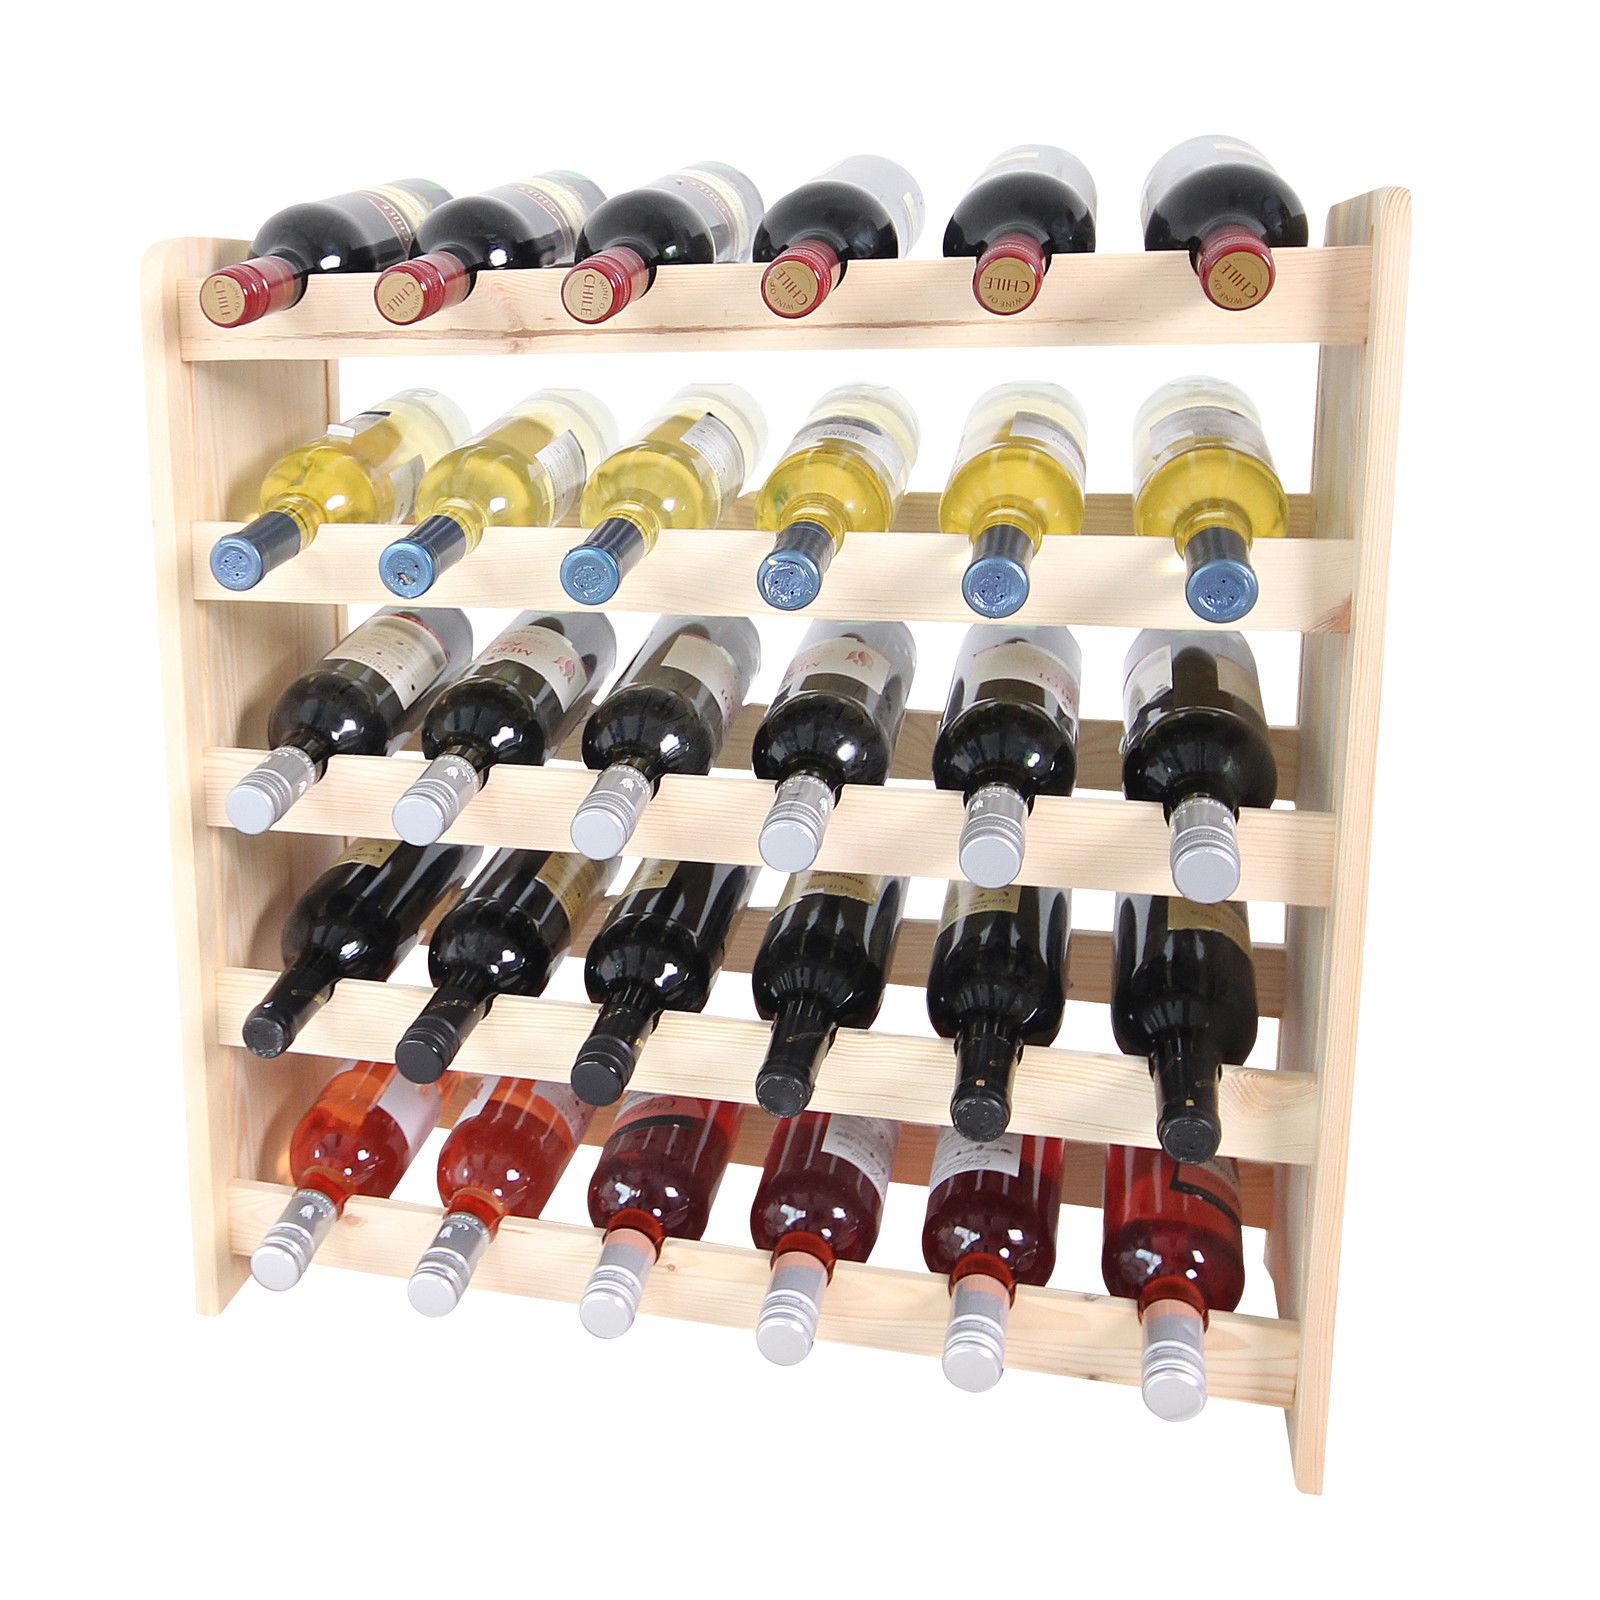 Range bouteille - casier a bouteille - casier a vin - rangement bouteille